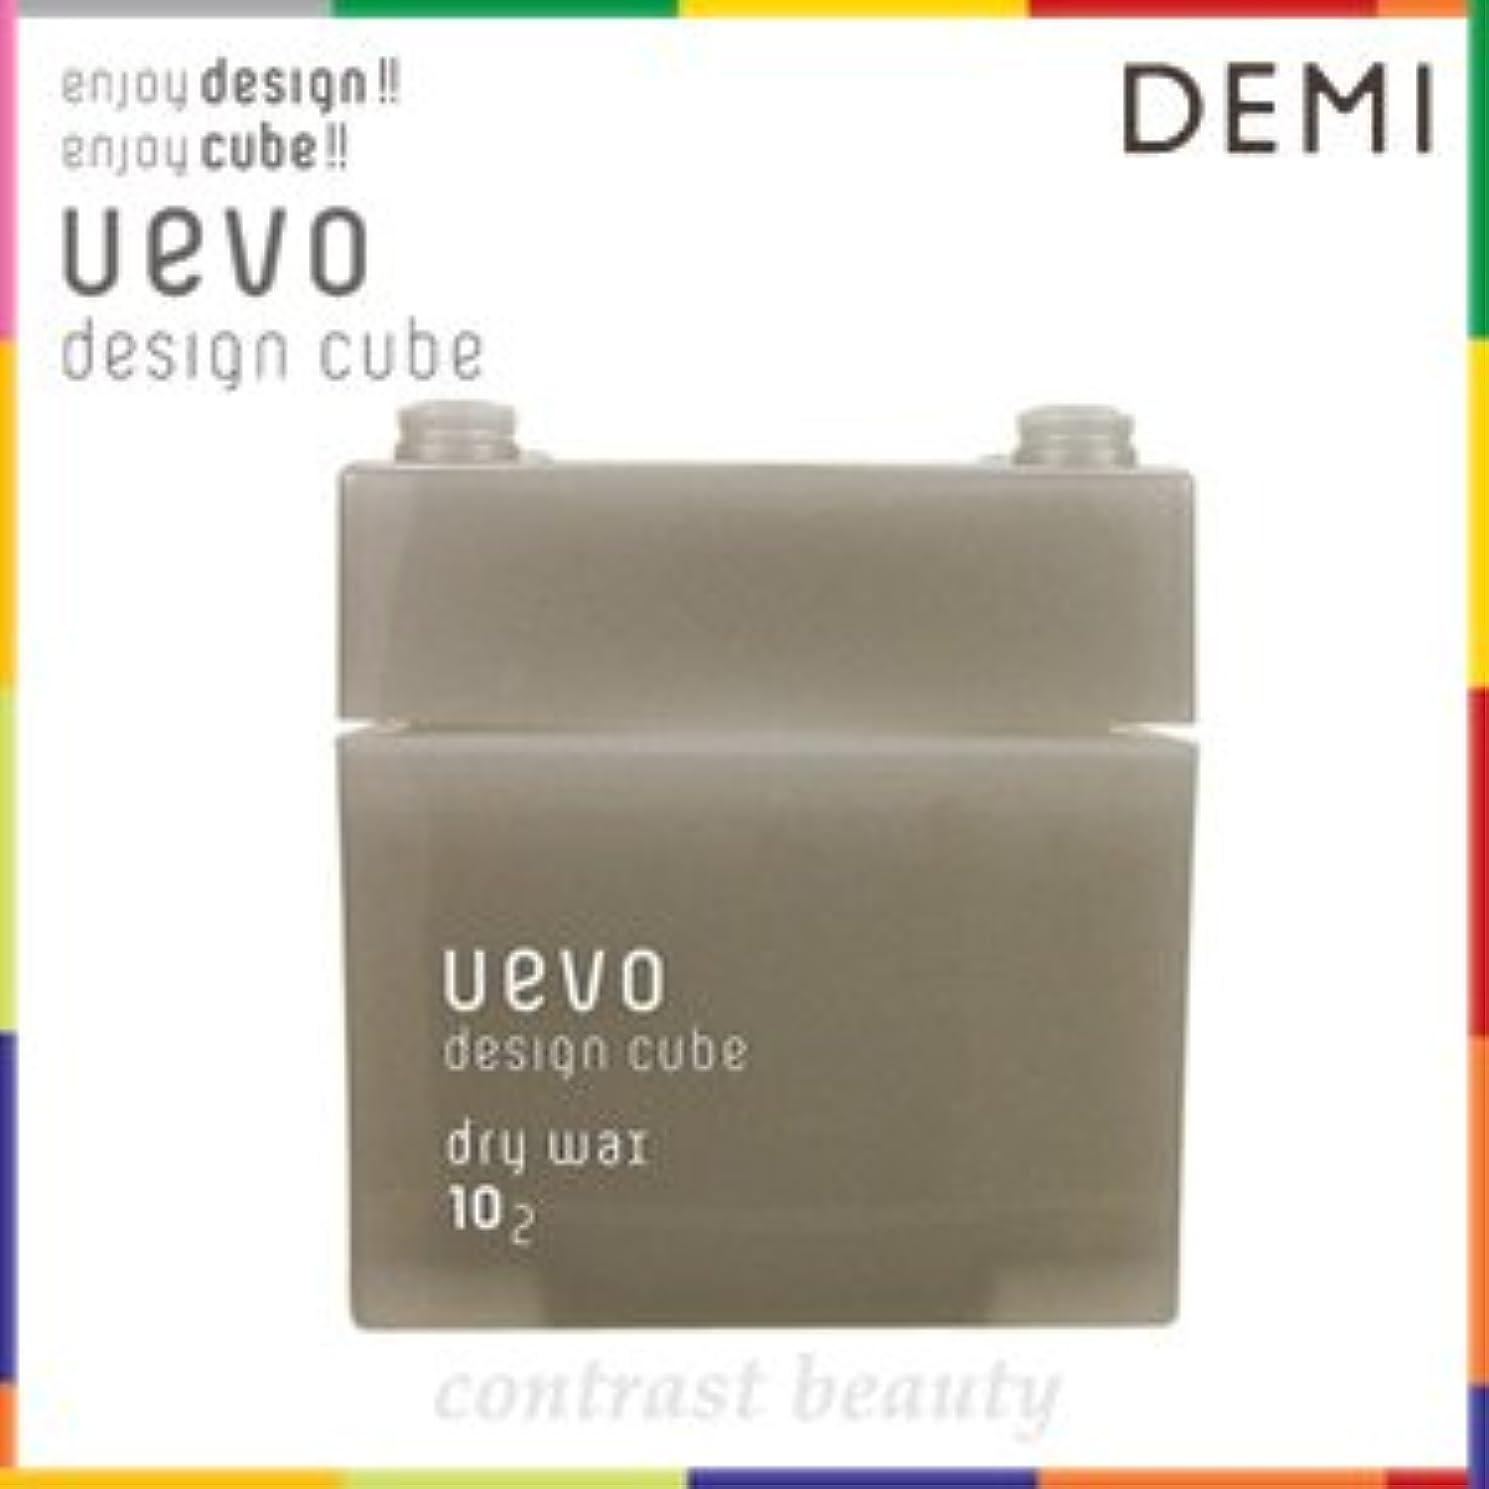 トピック夕食を作る着る【X4個セット】 デミ ウェーボ デザインキューブ ドライワックス 80g dry wax DEMI uevo design cube